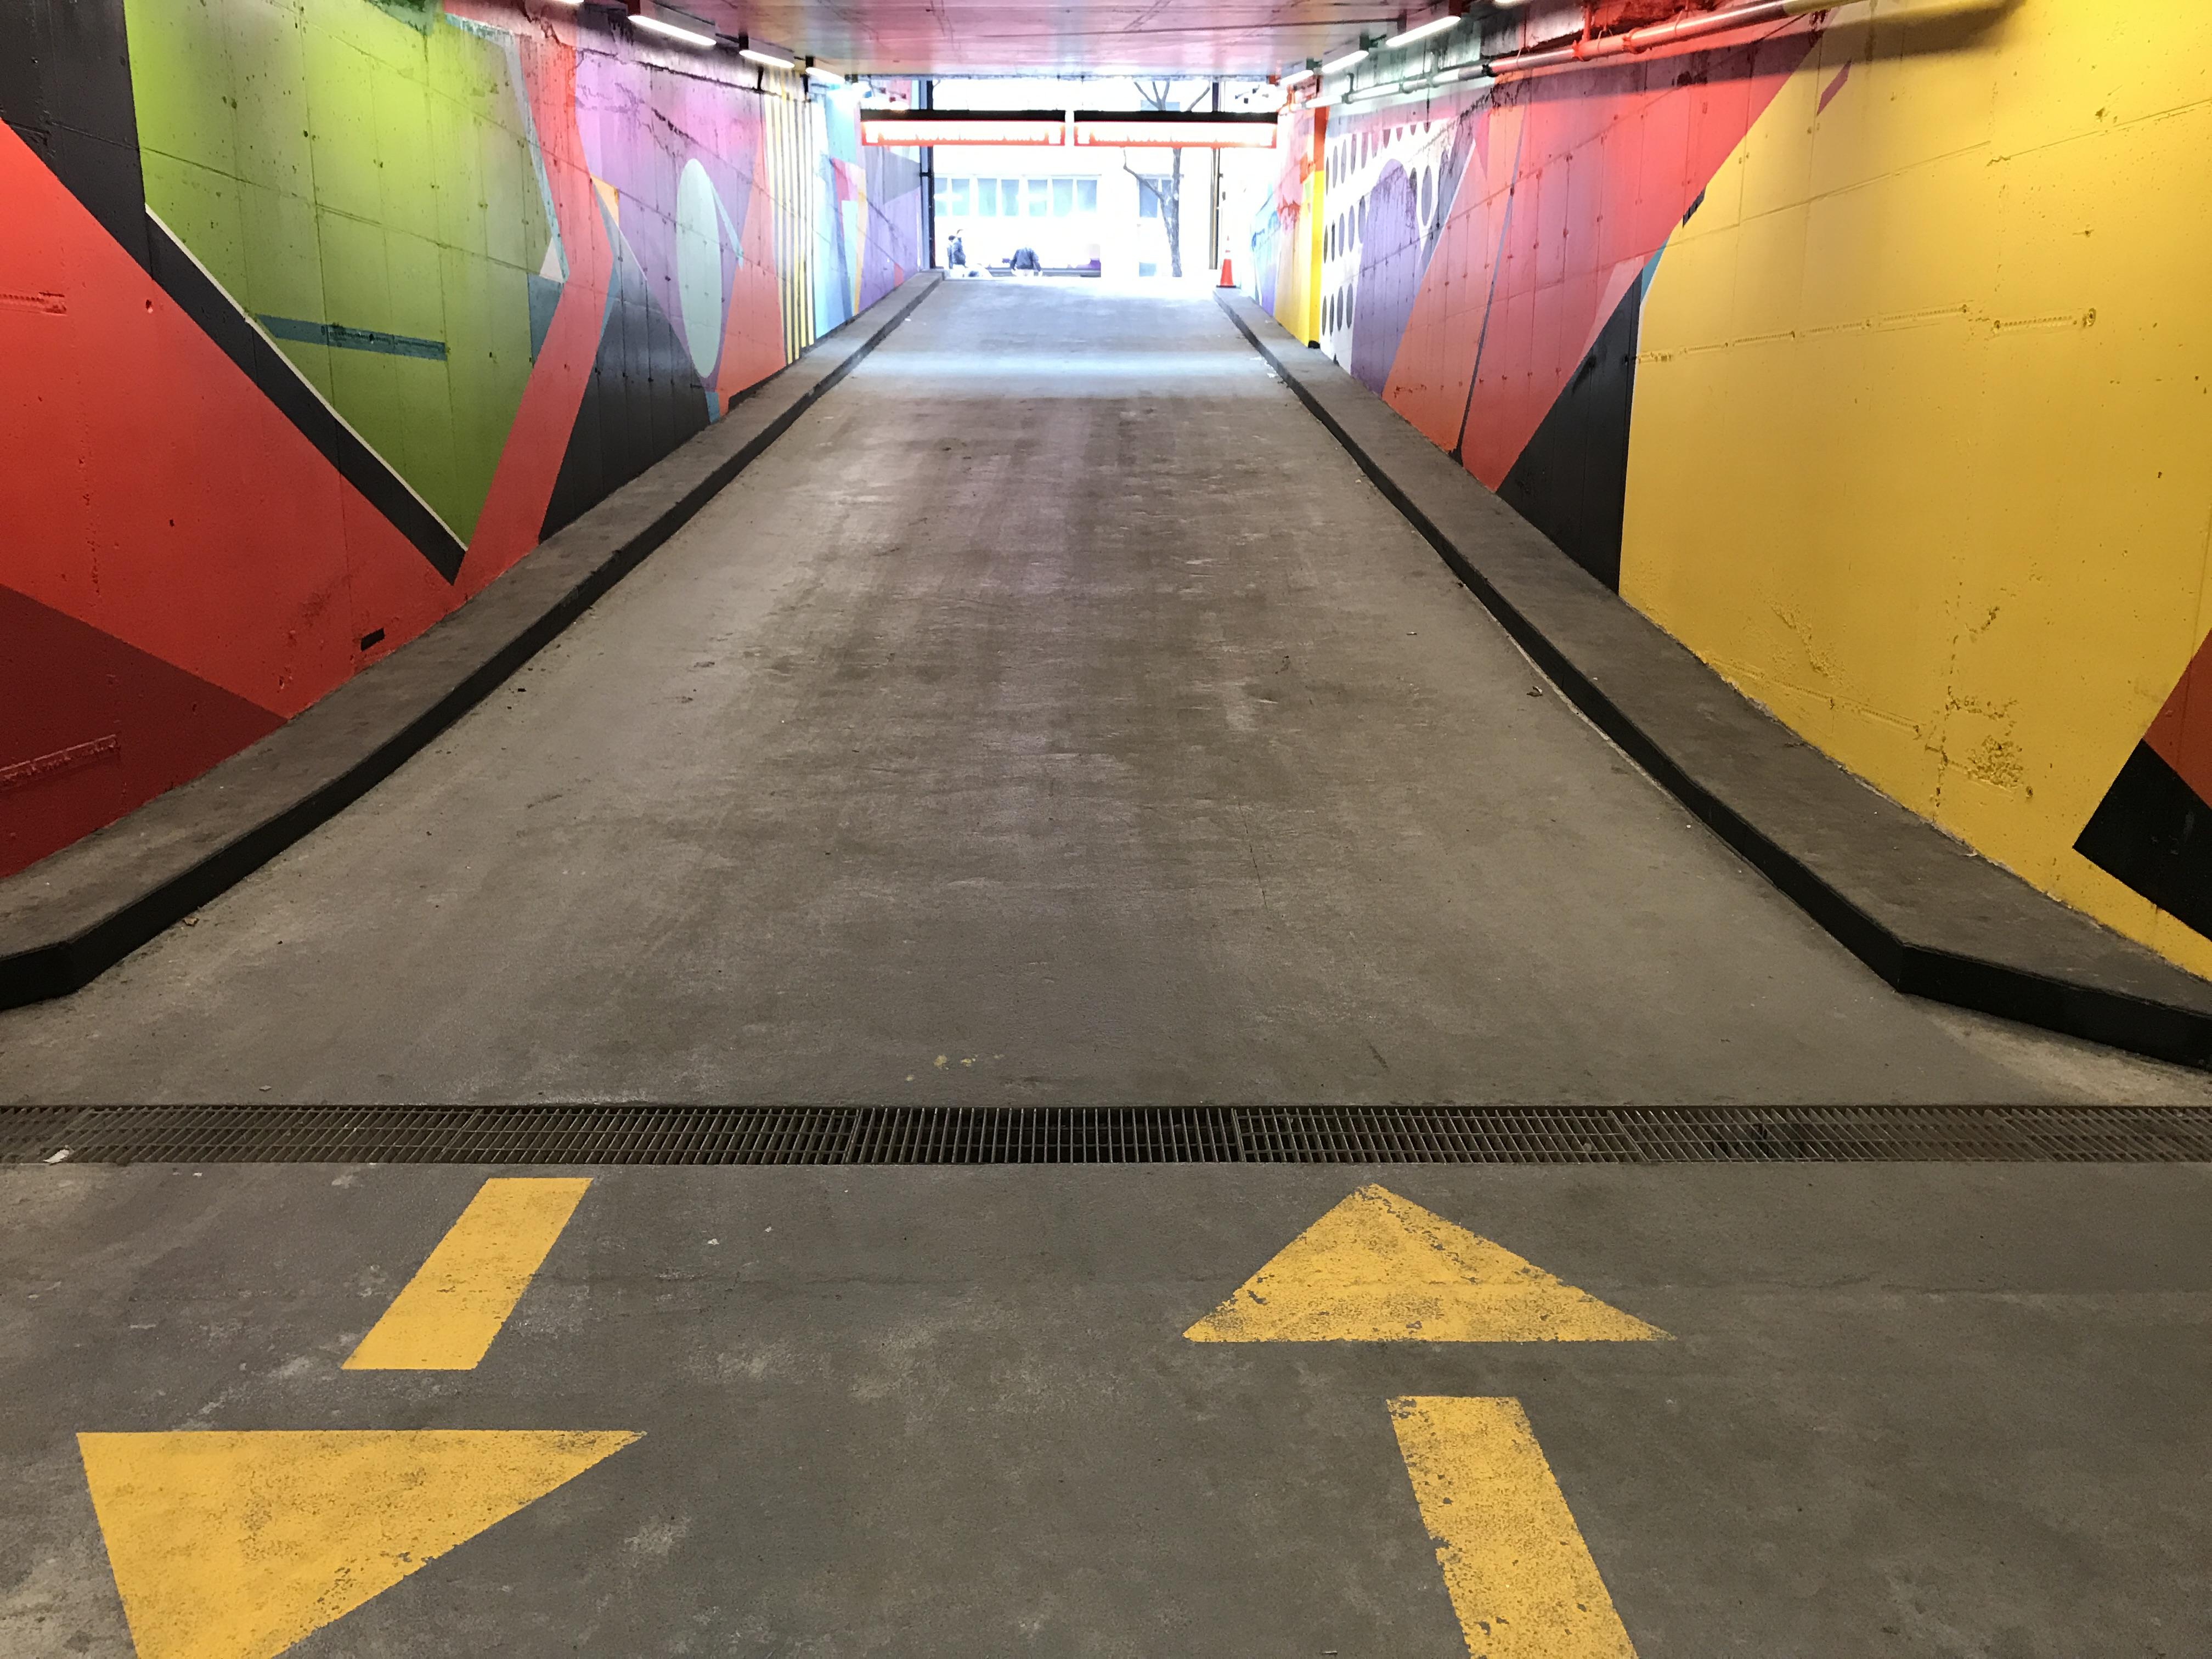 NYU Langone Medical Center Parking - Find Parking near NYU